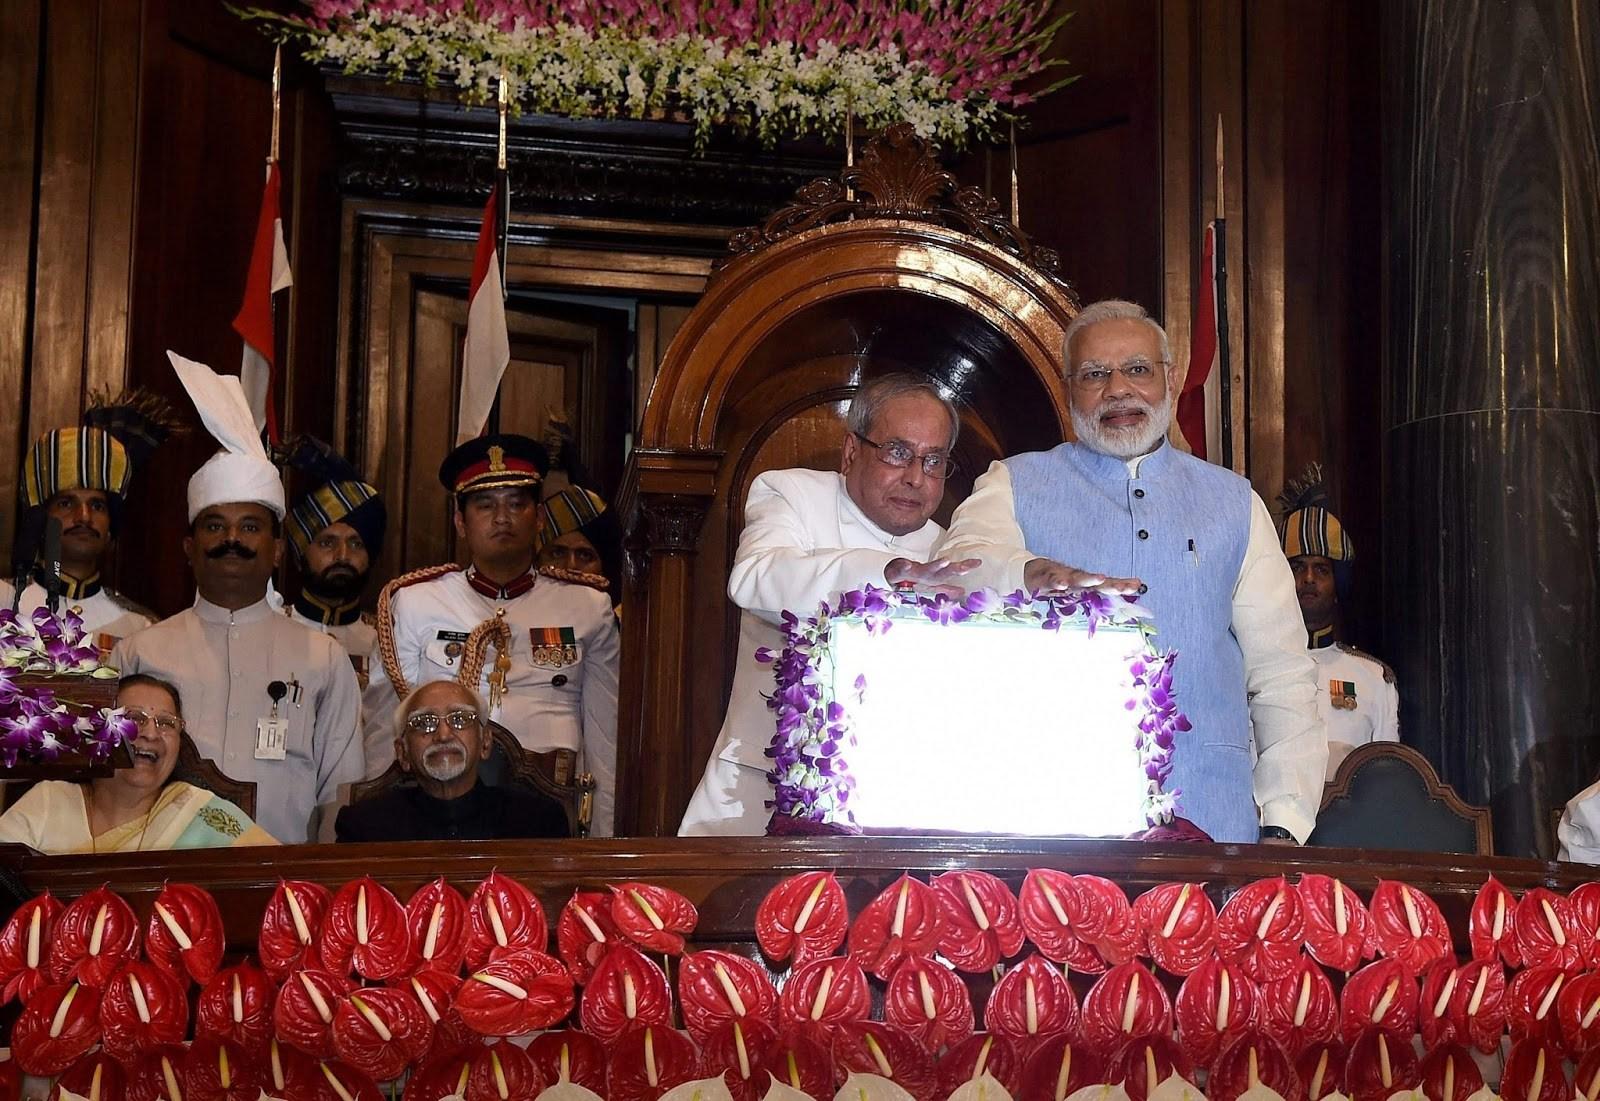 1 جولائی 2017 کو پارلیامنٹ کے خاص سیشن میں جی ایس ٹی کی شروعات کرتے وزیر اعظم نریندر مودی اور اس وقت کے صدر پرنب مکھرجی (فوٹو : پی ٹی آئی)